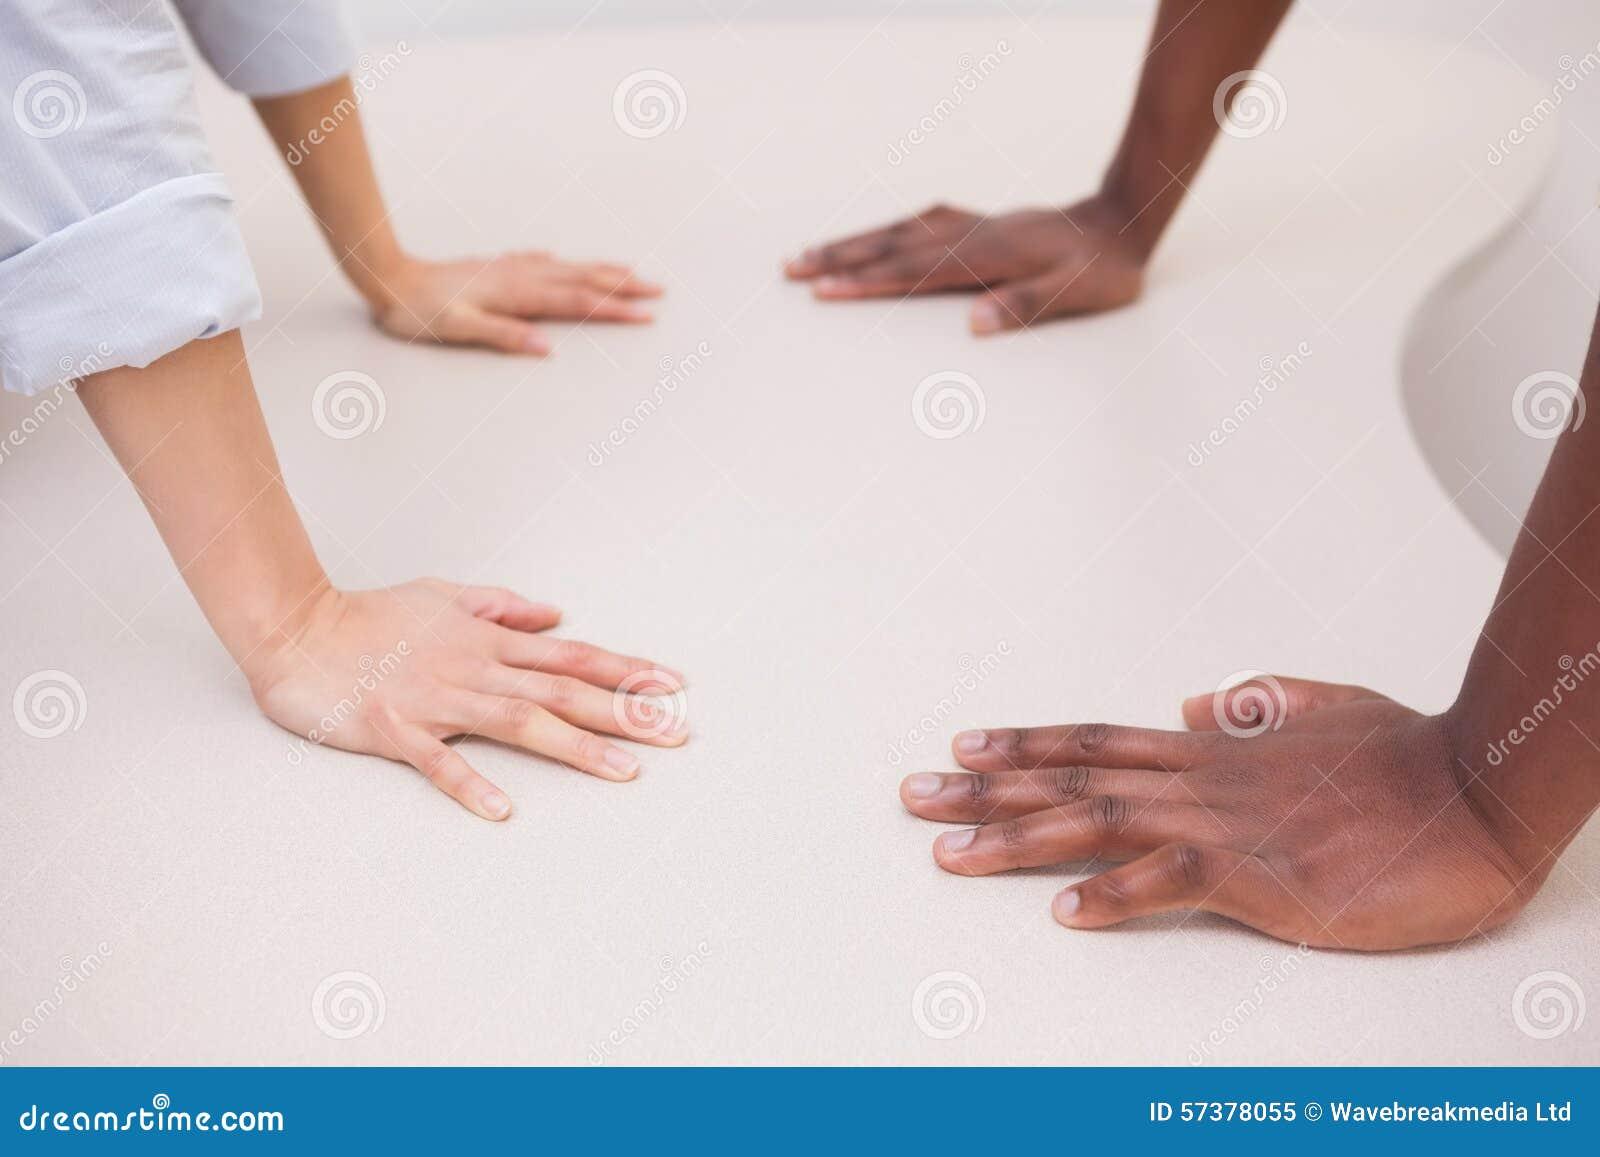 Toevallige bedrijfscollega s met handen op bureau